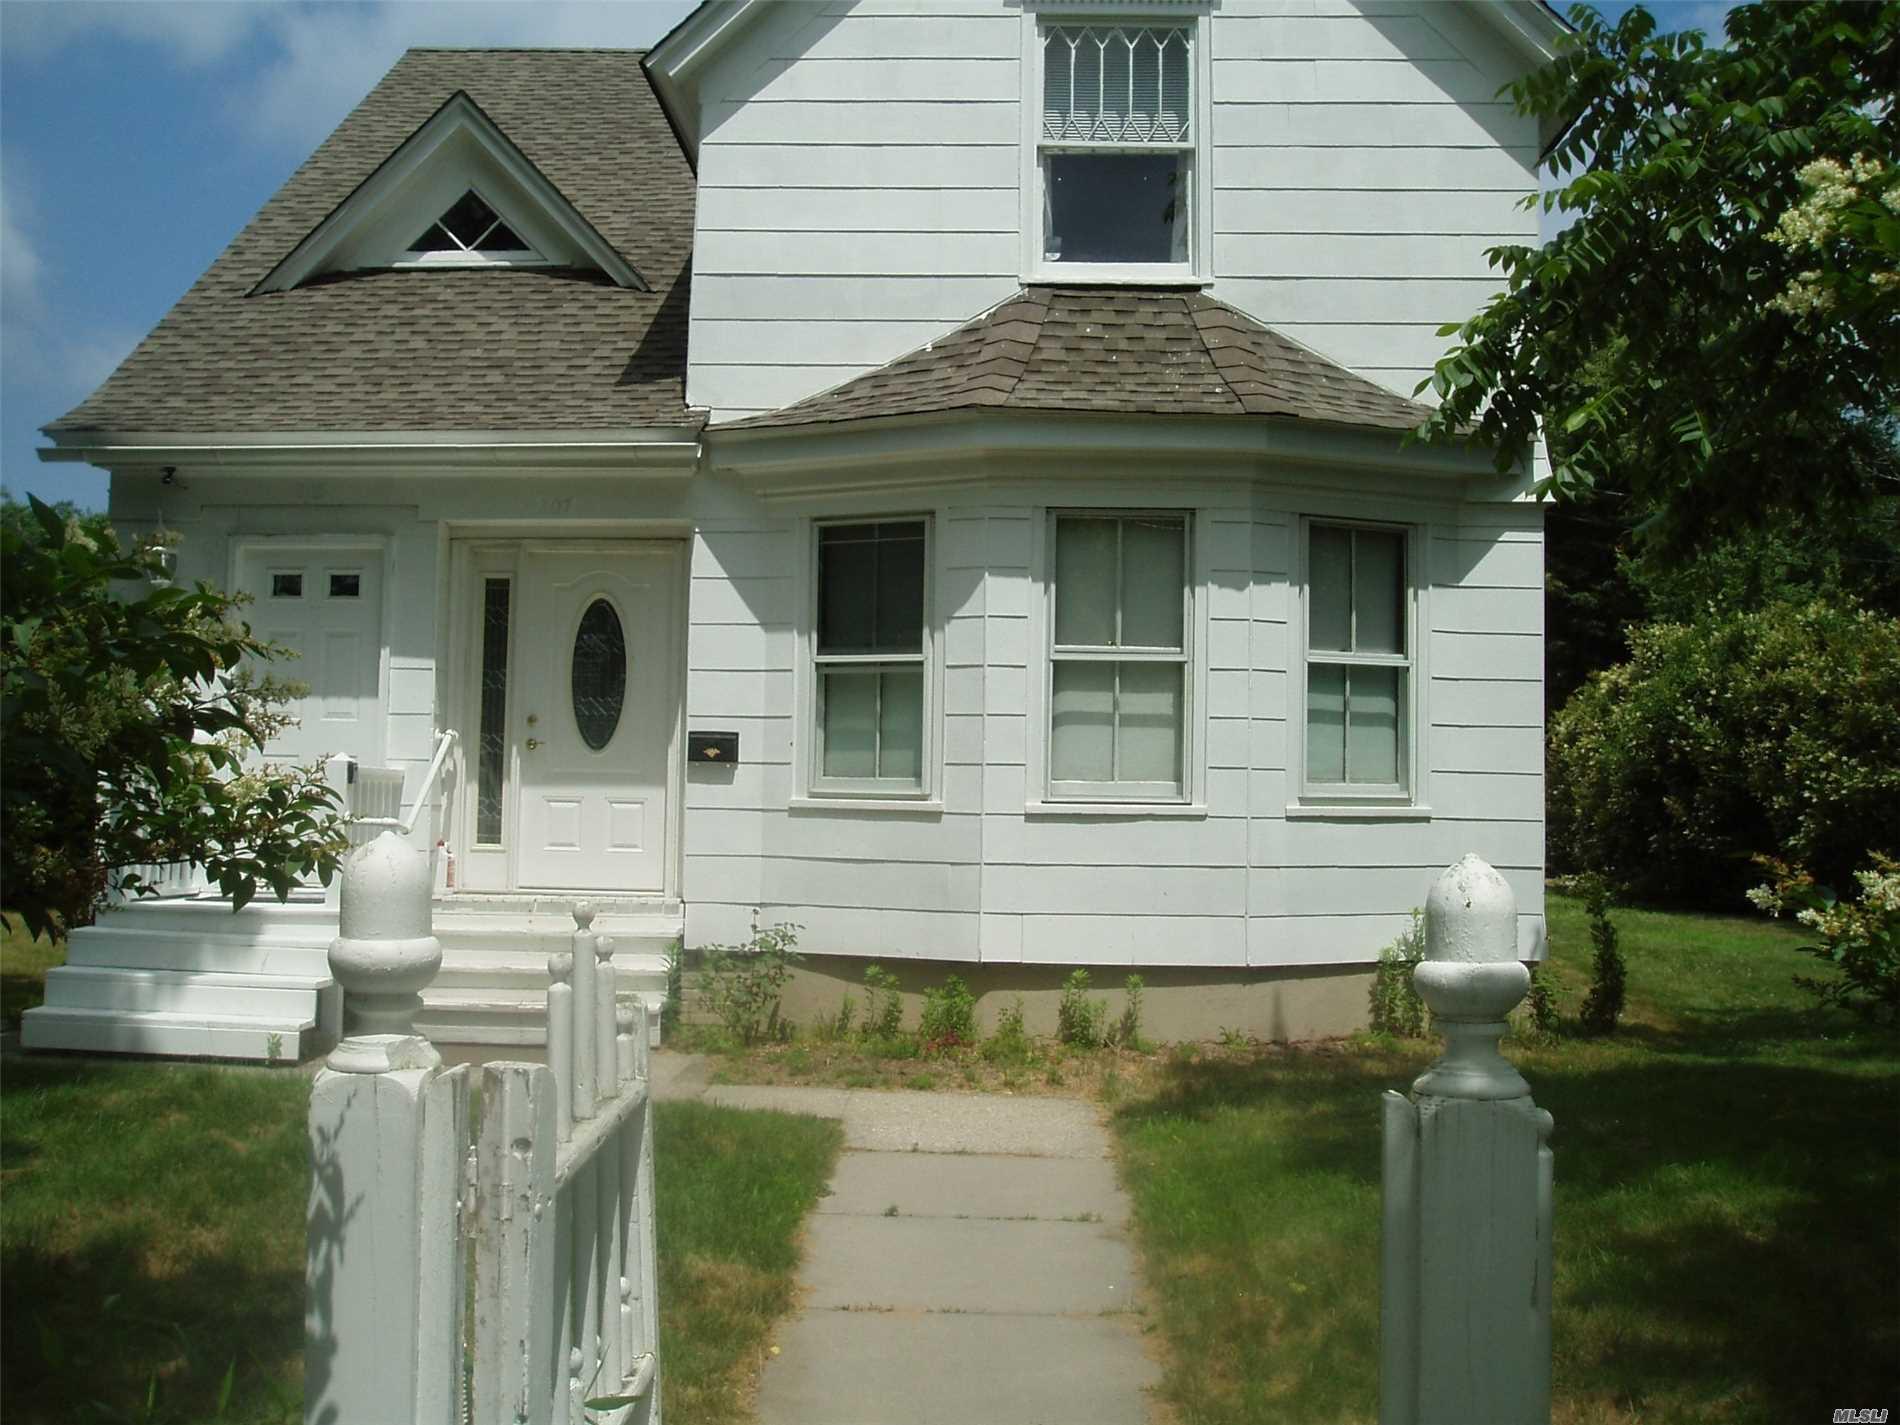 205 Meeting House Ln - Southampton, New York